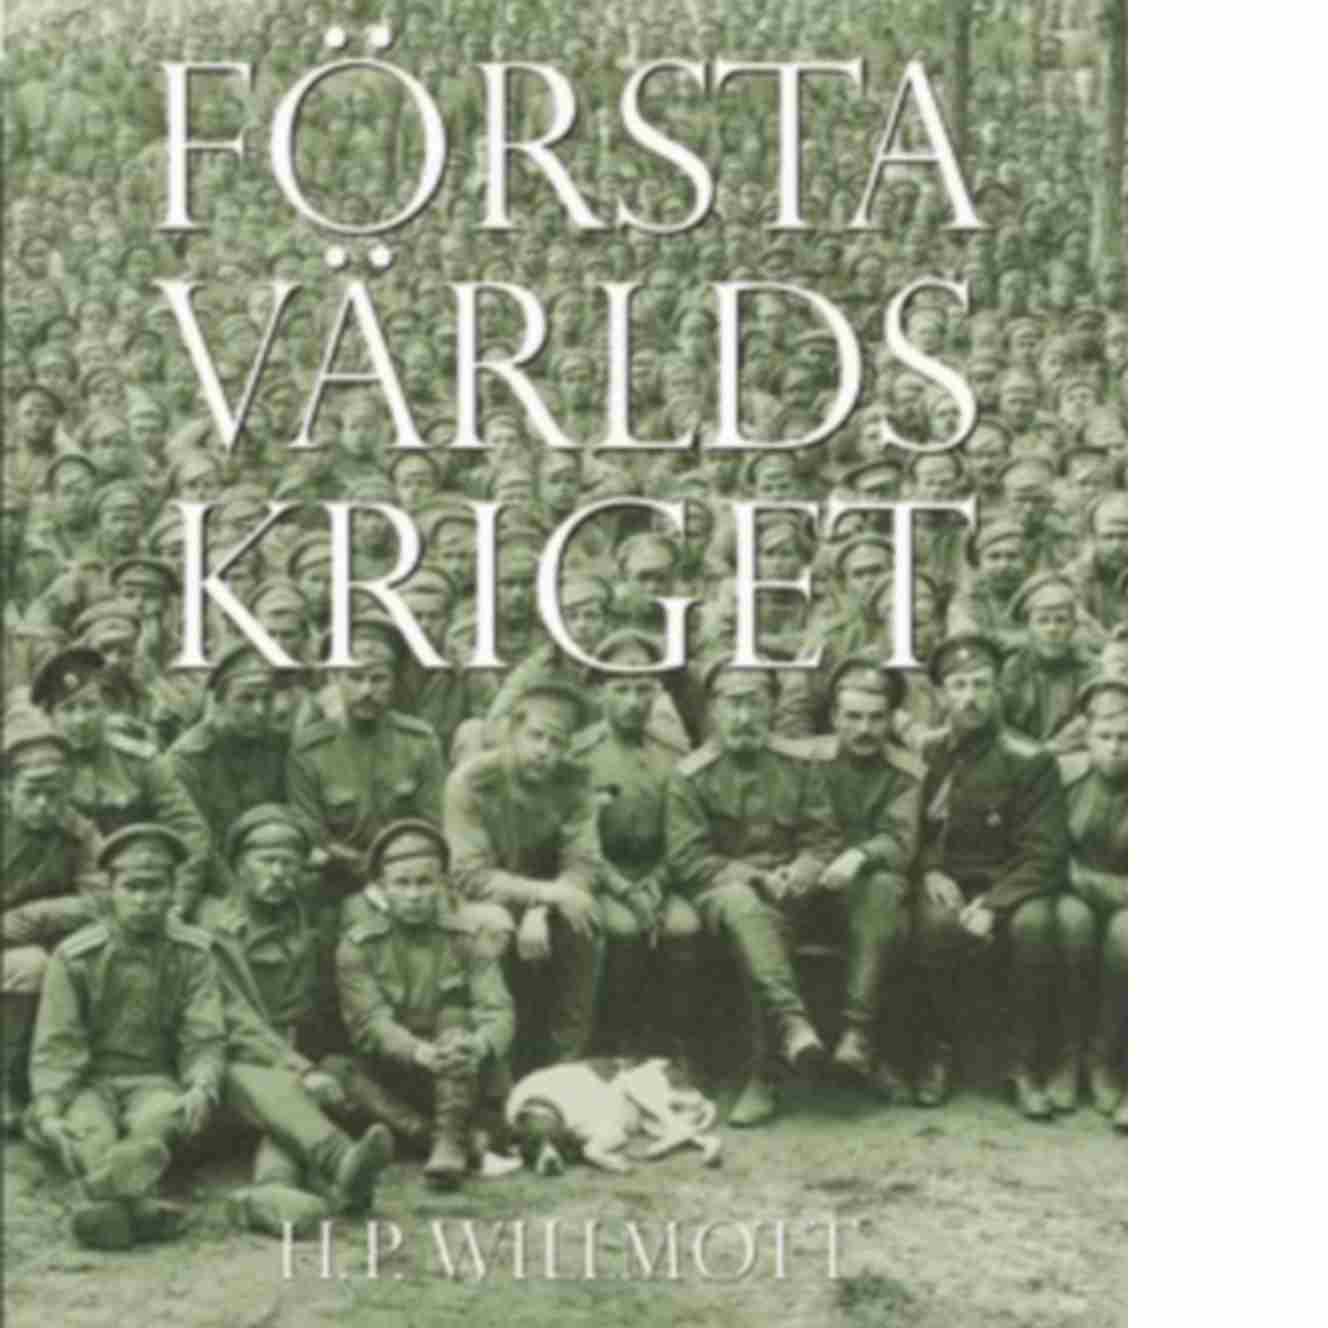 Första världskriget - Willmott, H. P.